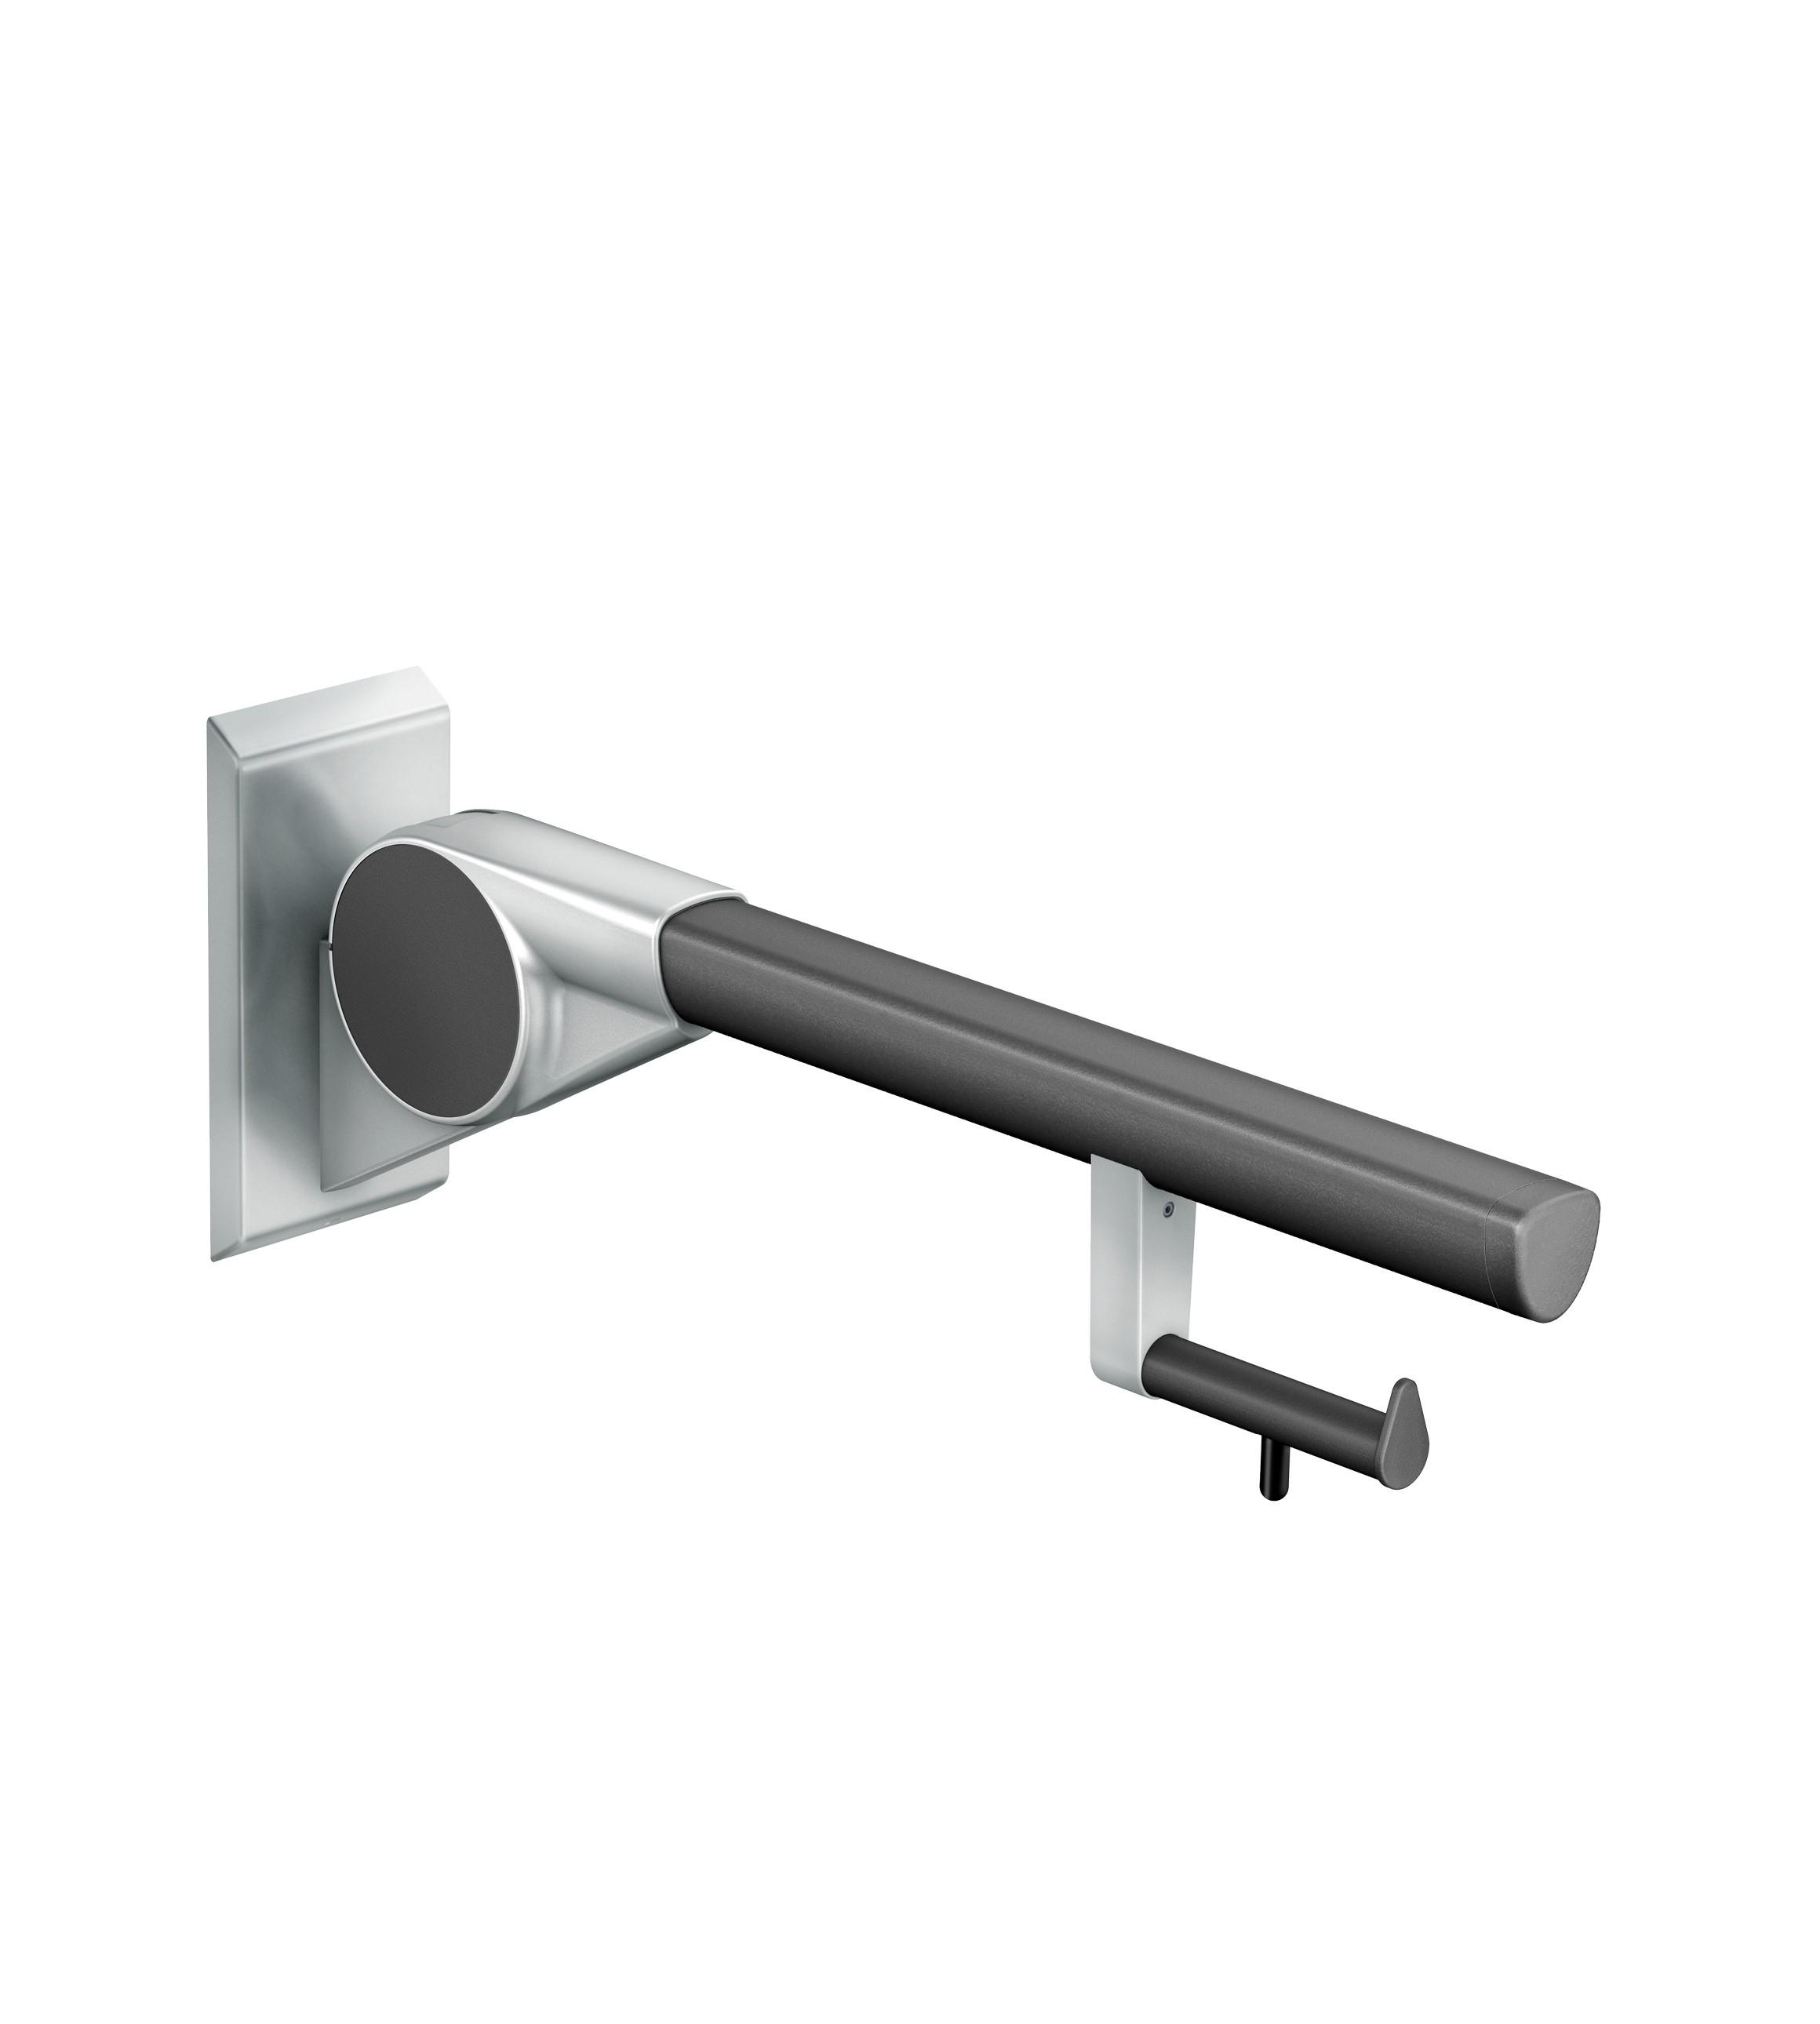 FSB Stützklappgriff 900 mm mit PRH A100 Anemonenweiß (0 82 8420 01090 8220)